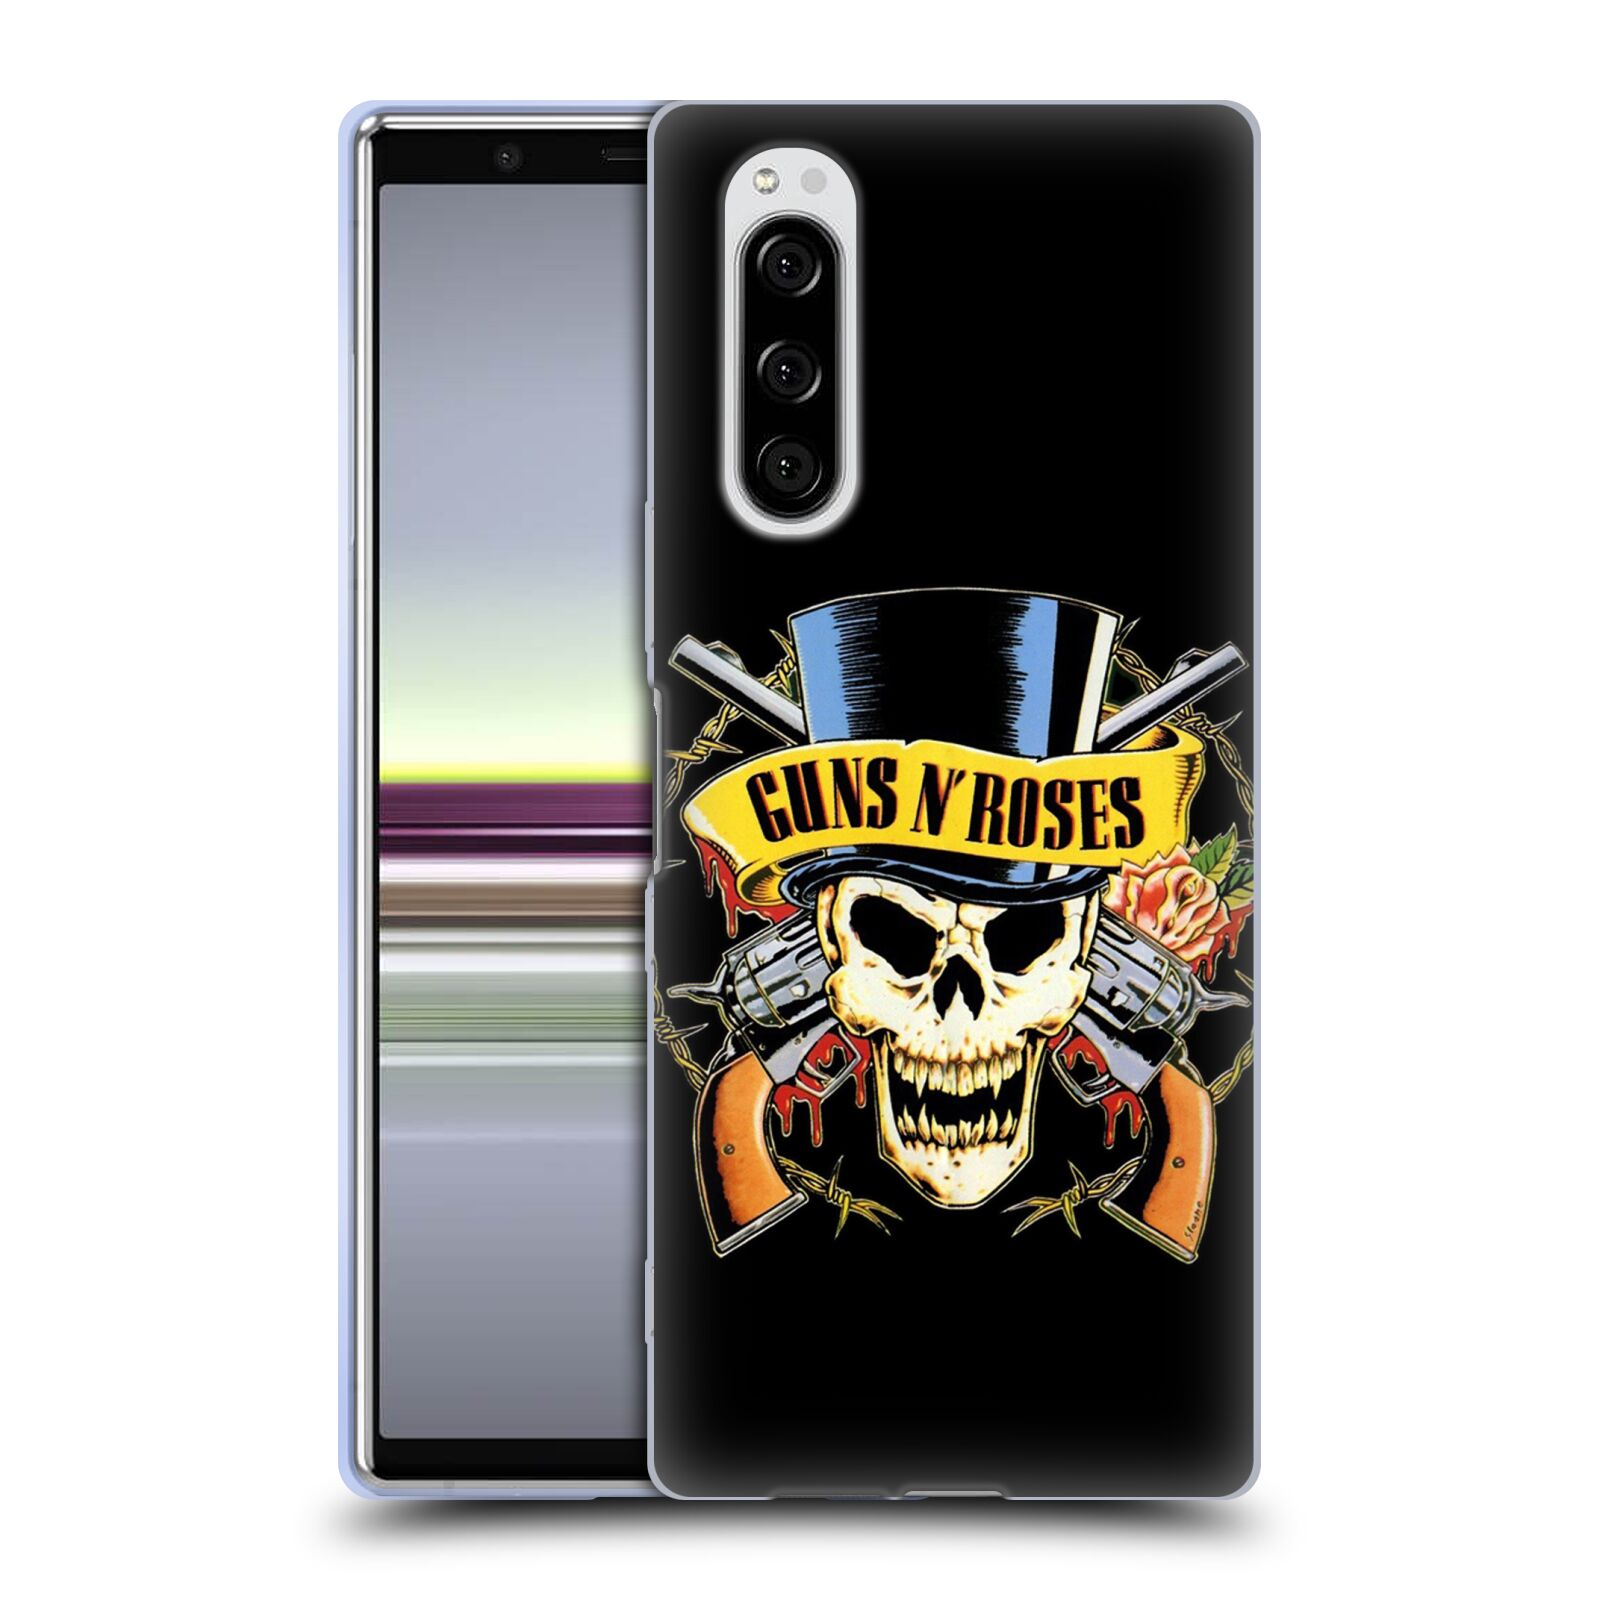 Silikonové pouzdro na mobil Sony Xperia 5 - Head Case - Guns N' Roses - Lebka